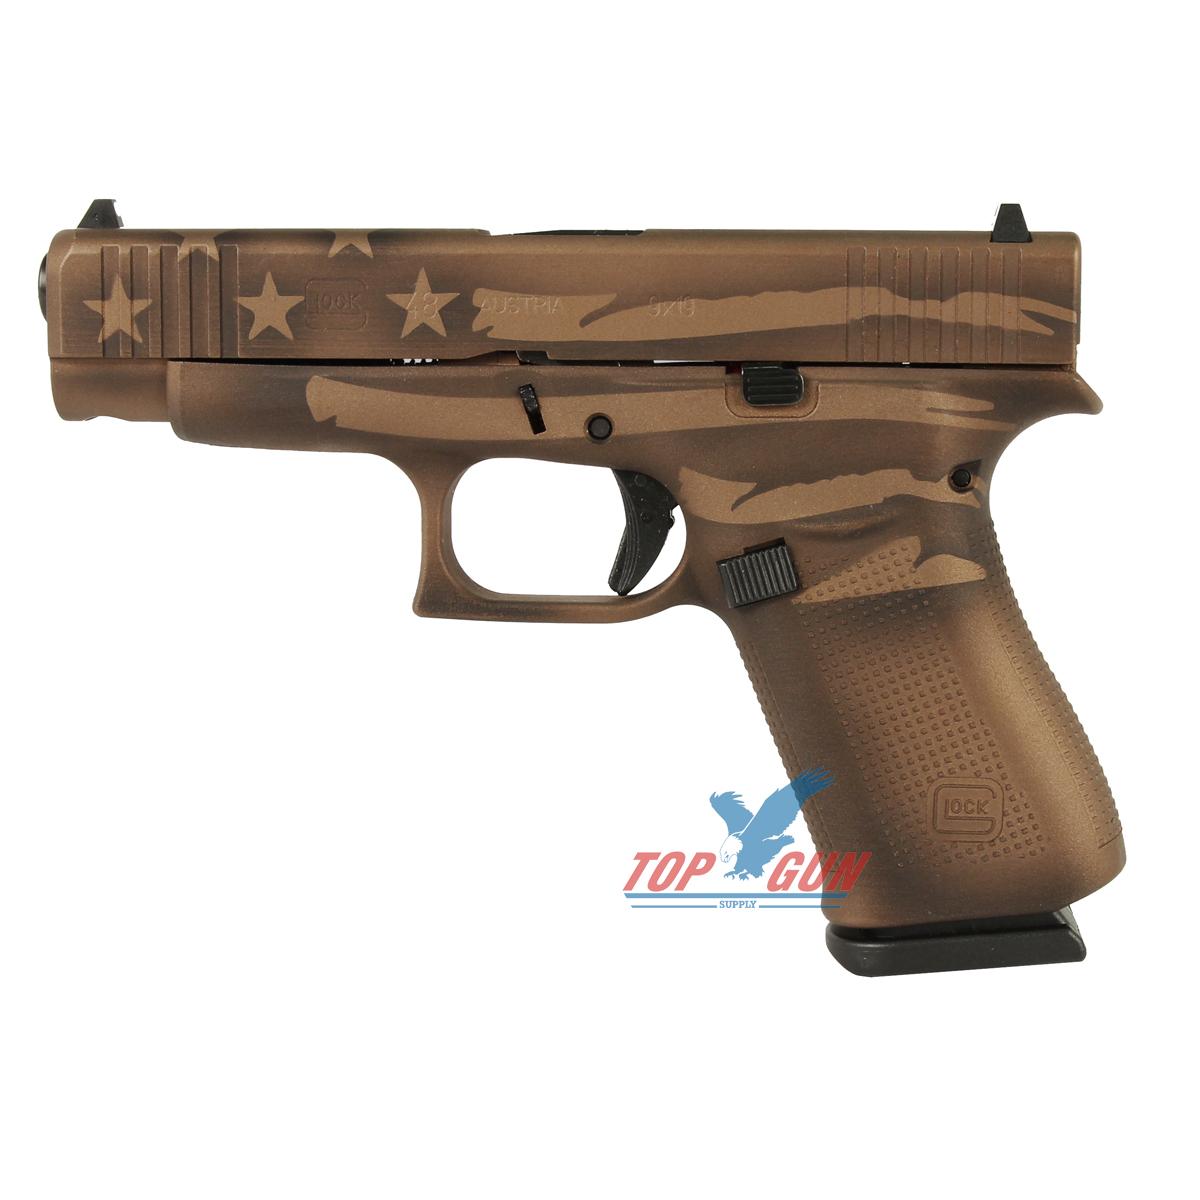 Glock 48 9mm - Battleworn Bronze Distressed Flag